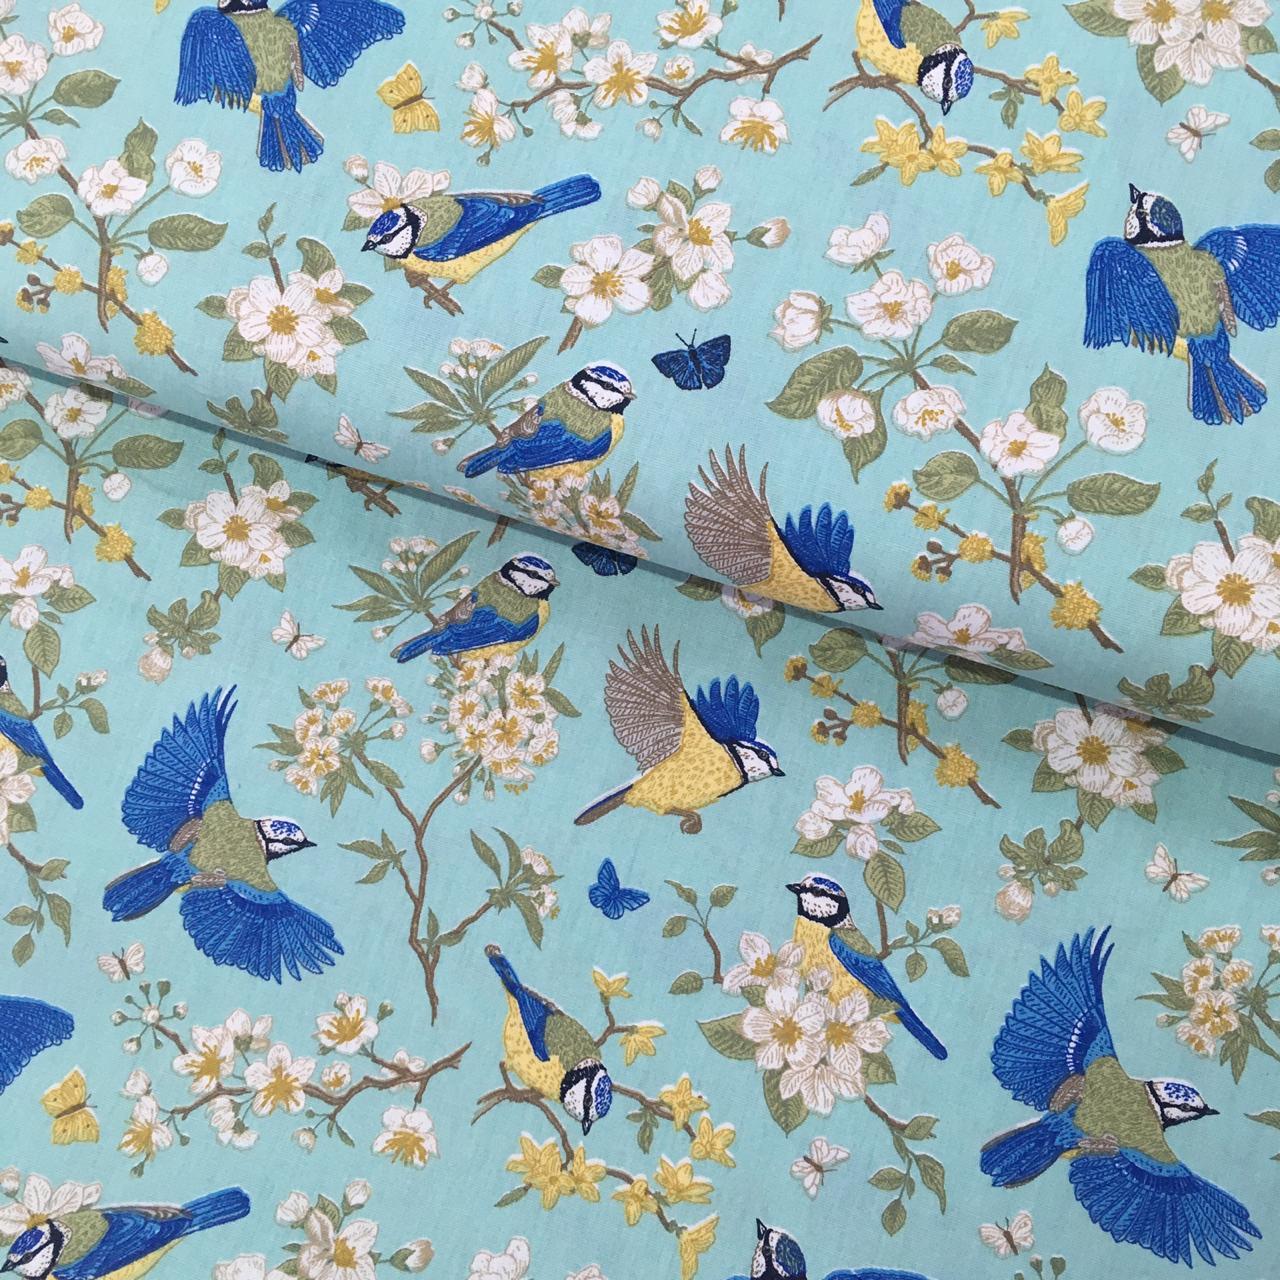 Tecido Blue Birds